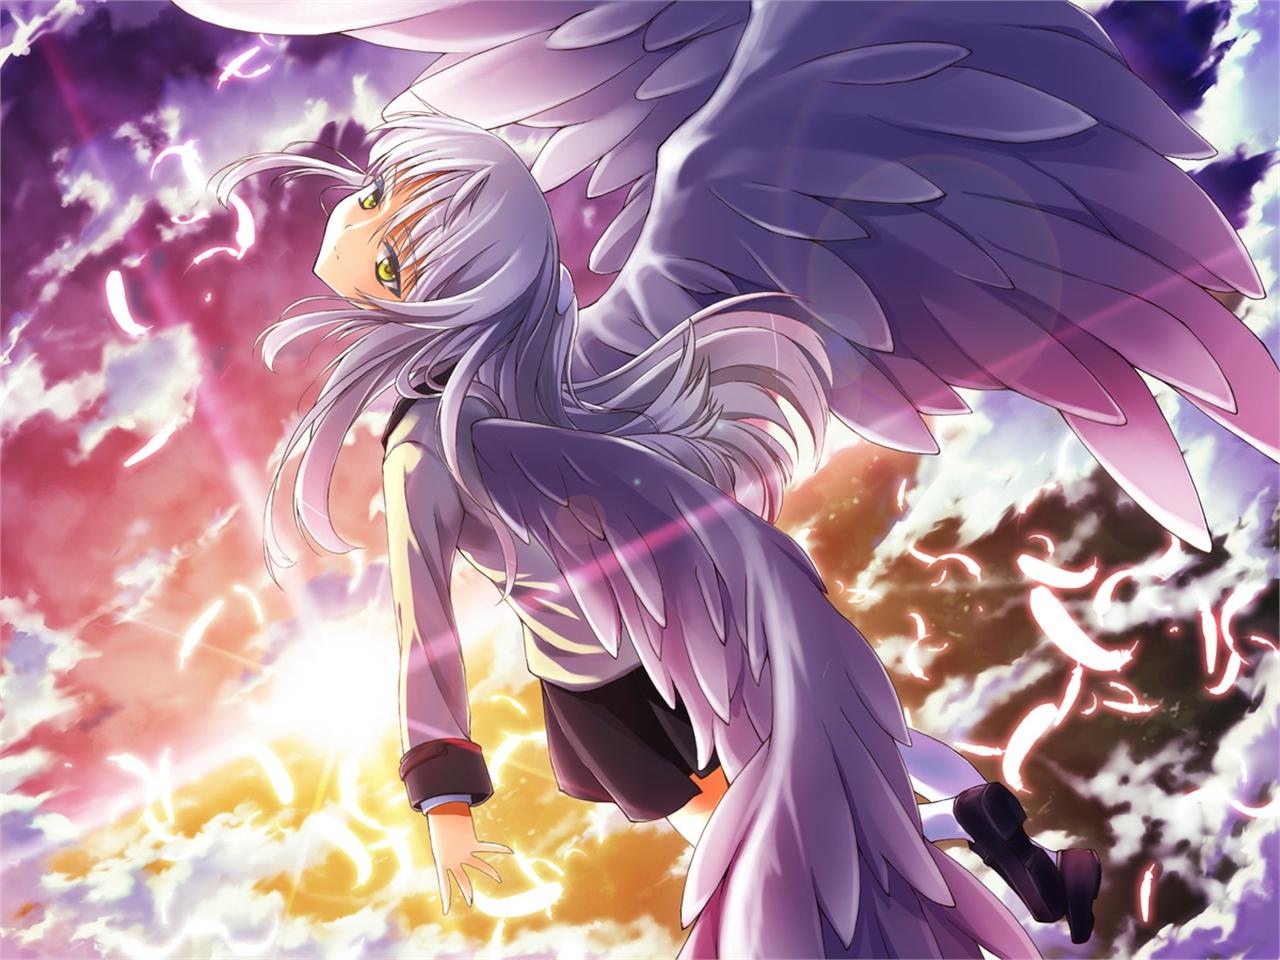 Hình thiên thần anime đẹp